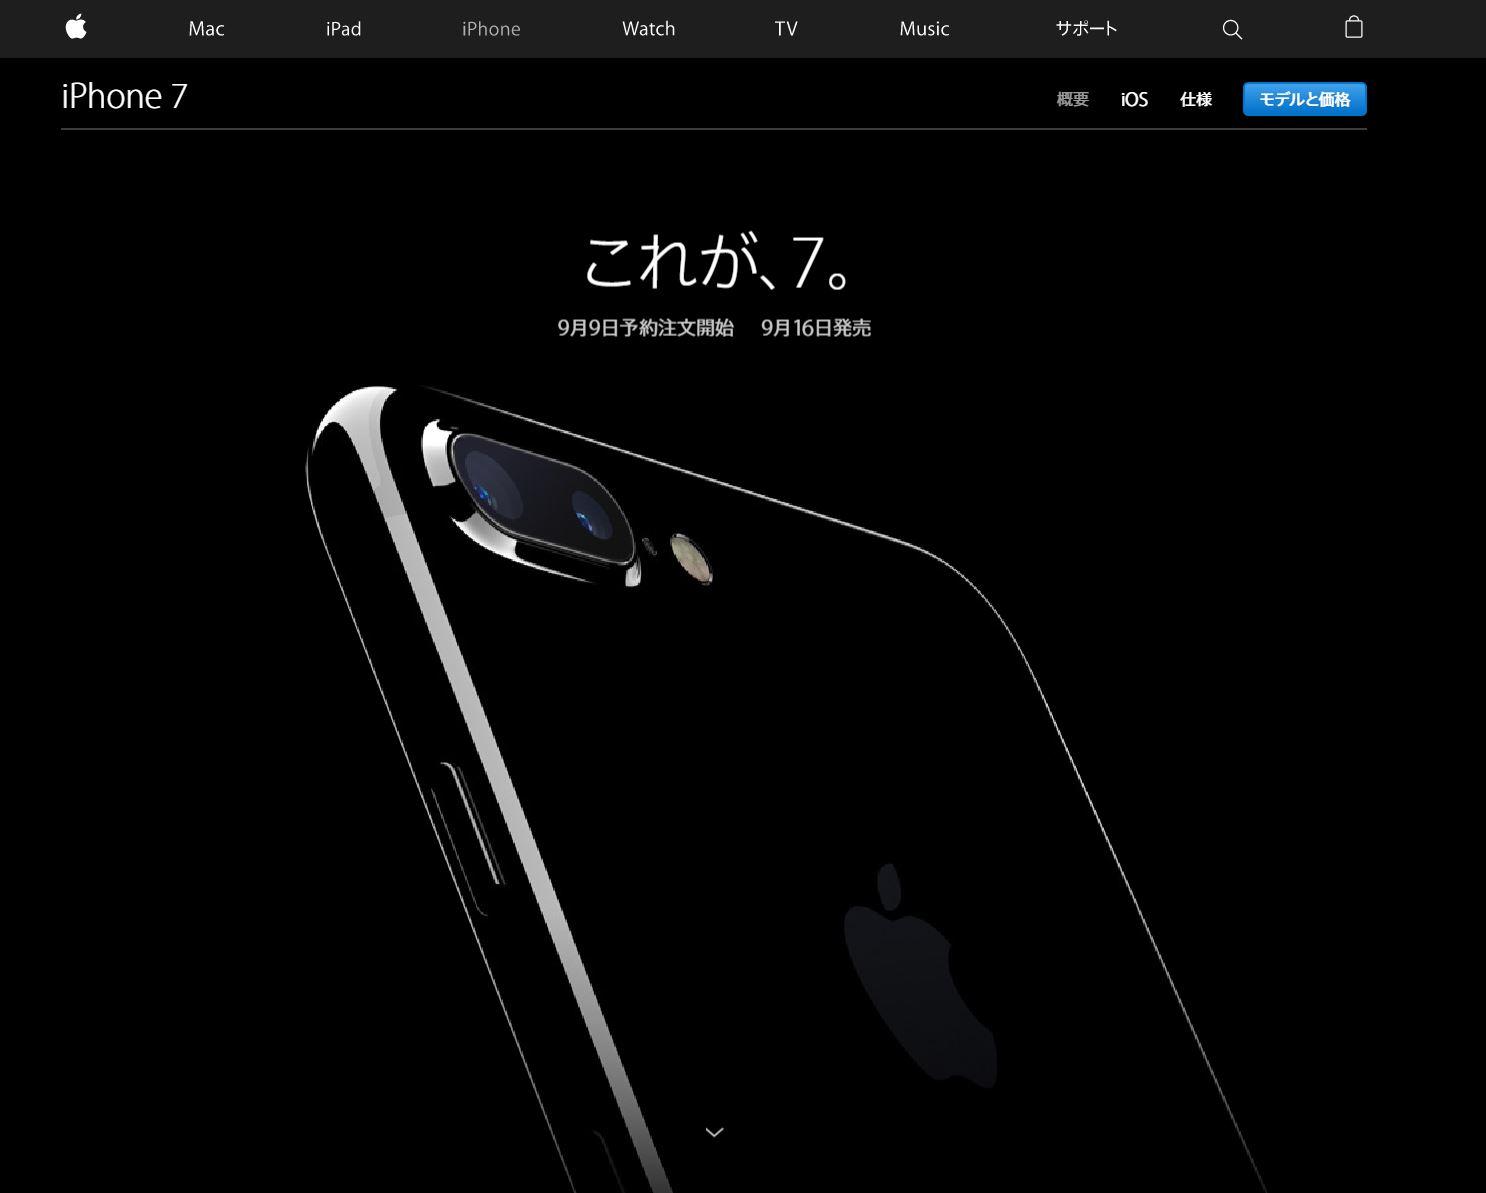 じゃらん、iPhone7搭載のApplePay決済に対応、宿泊施設でも支払い可能に